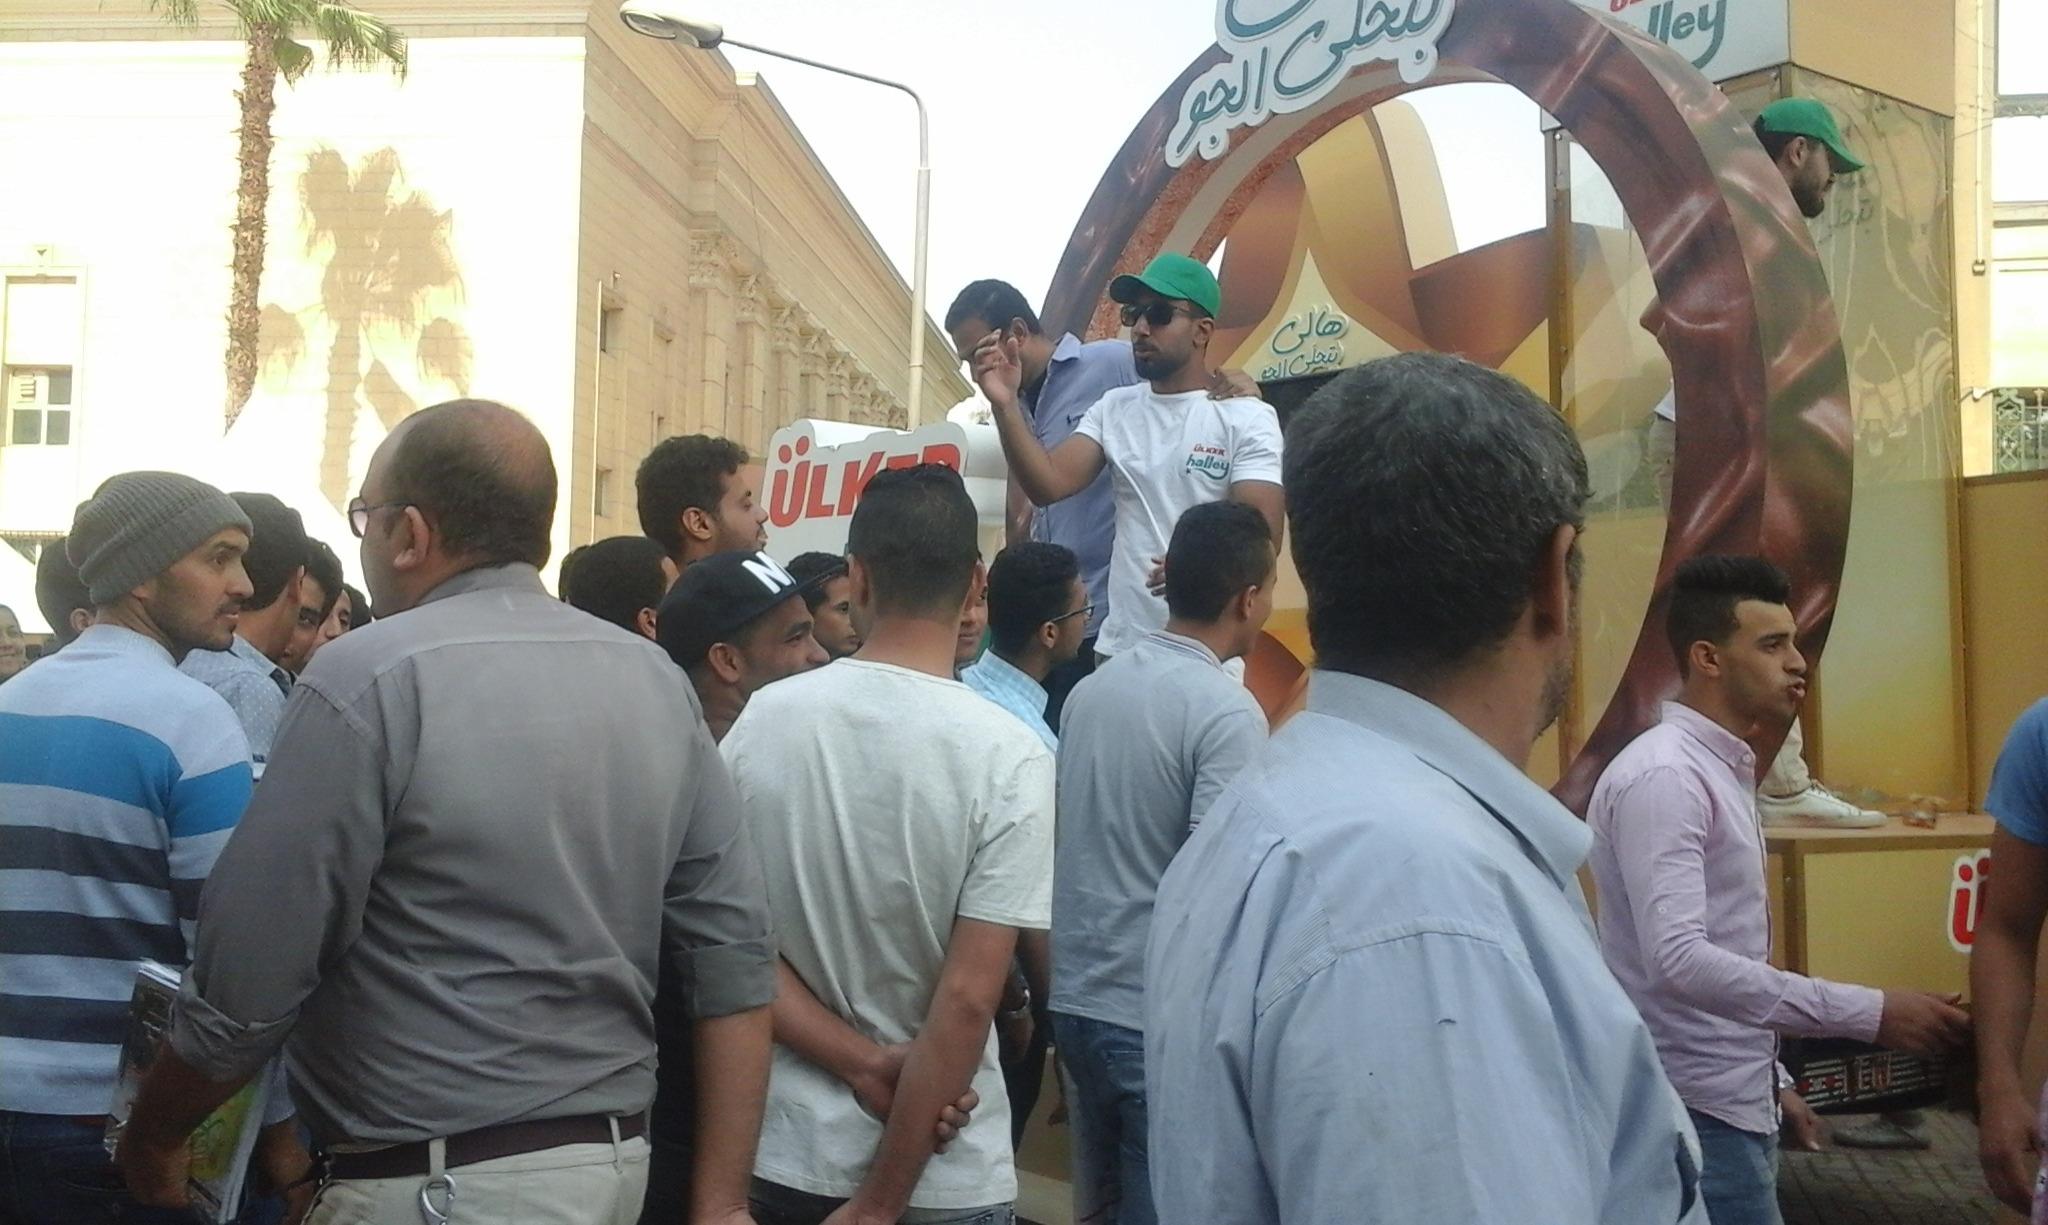 http://shbabbek.com/upload/«هالي بتحلي الجو» ضمن فاعليات ملتقي التوظيف في جامعة القاهرة